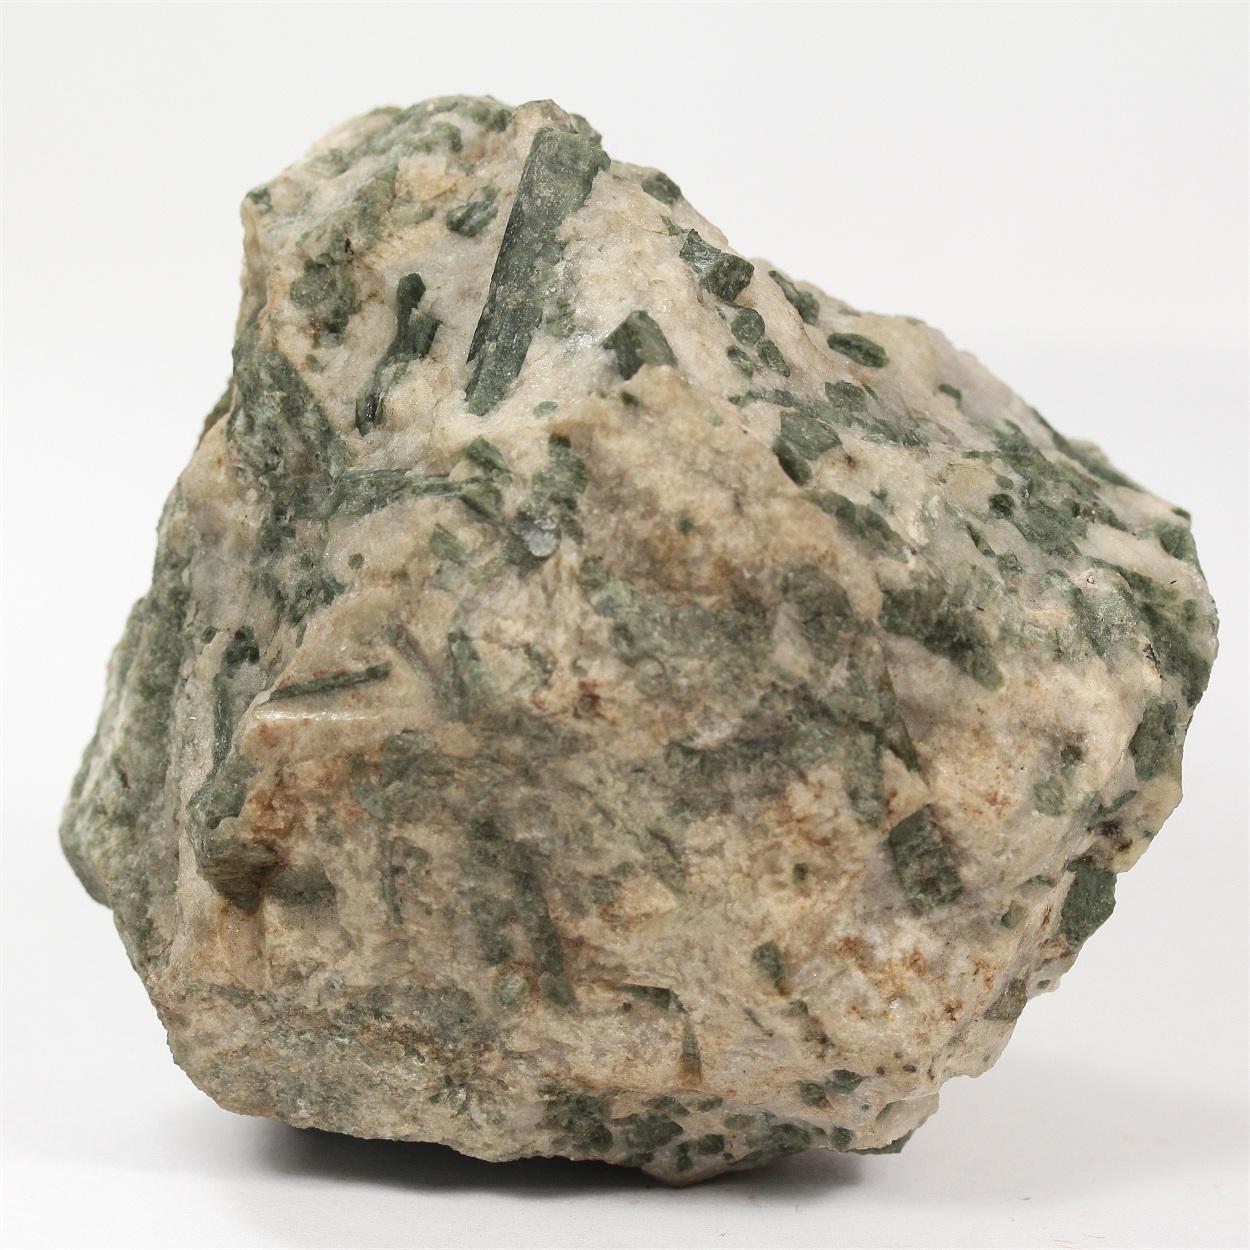 Pargasite